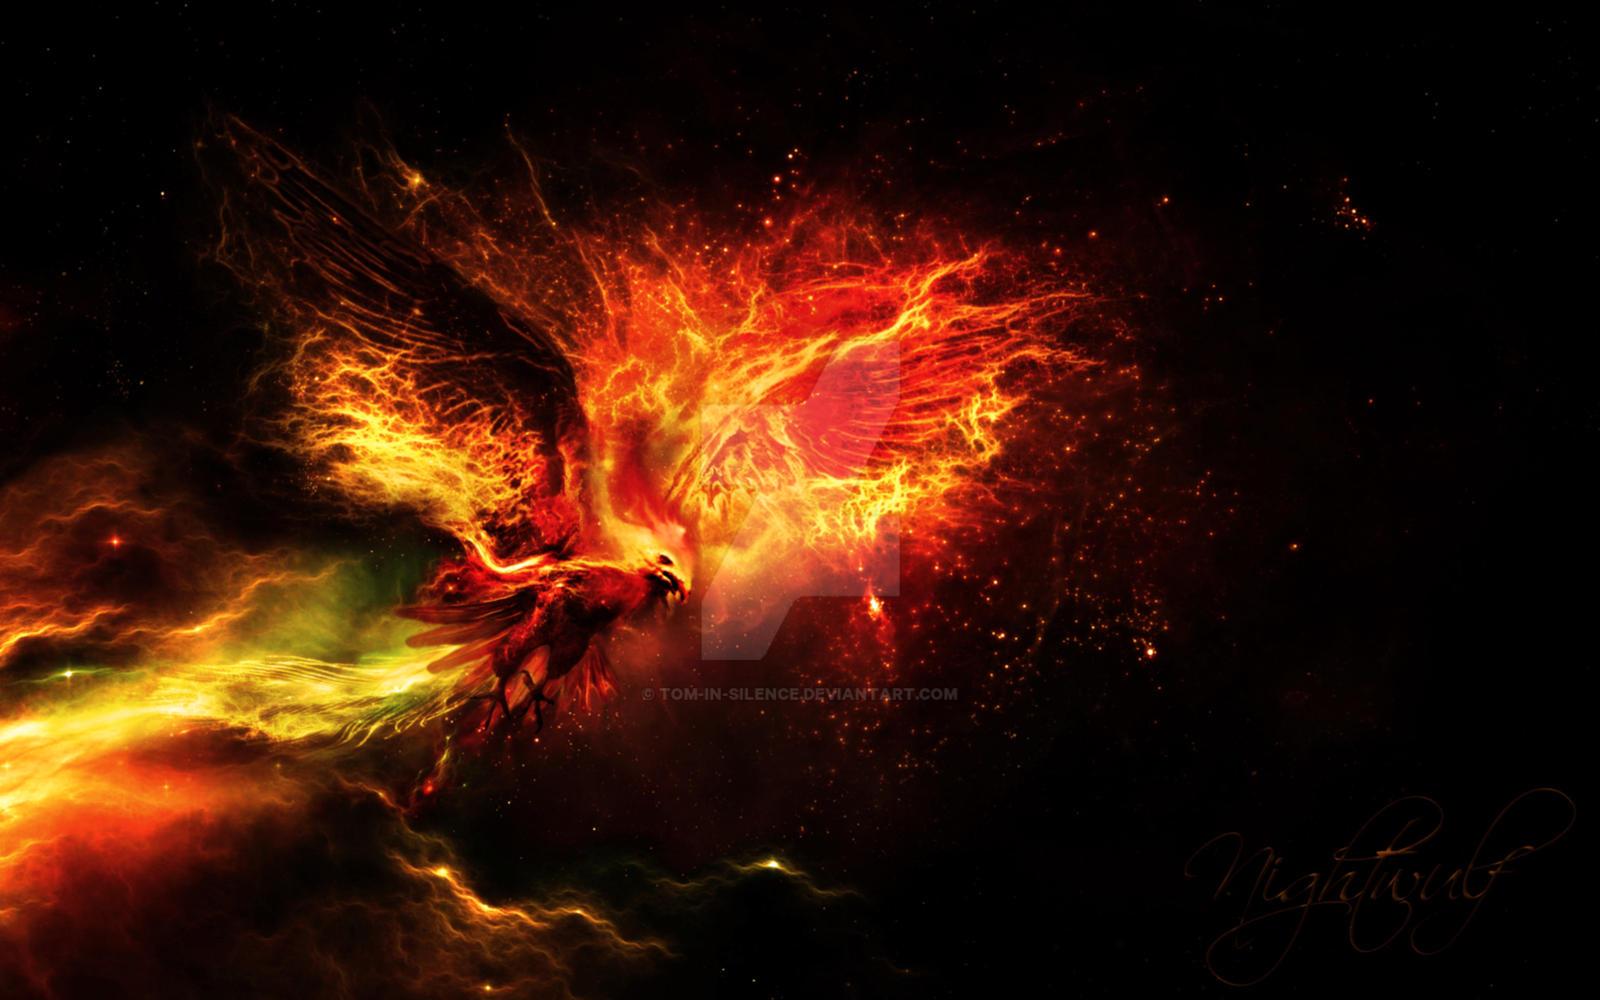 phoenix nebula hd - photo #13